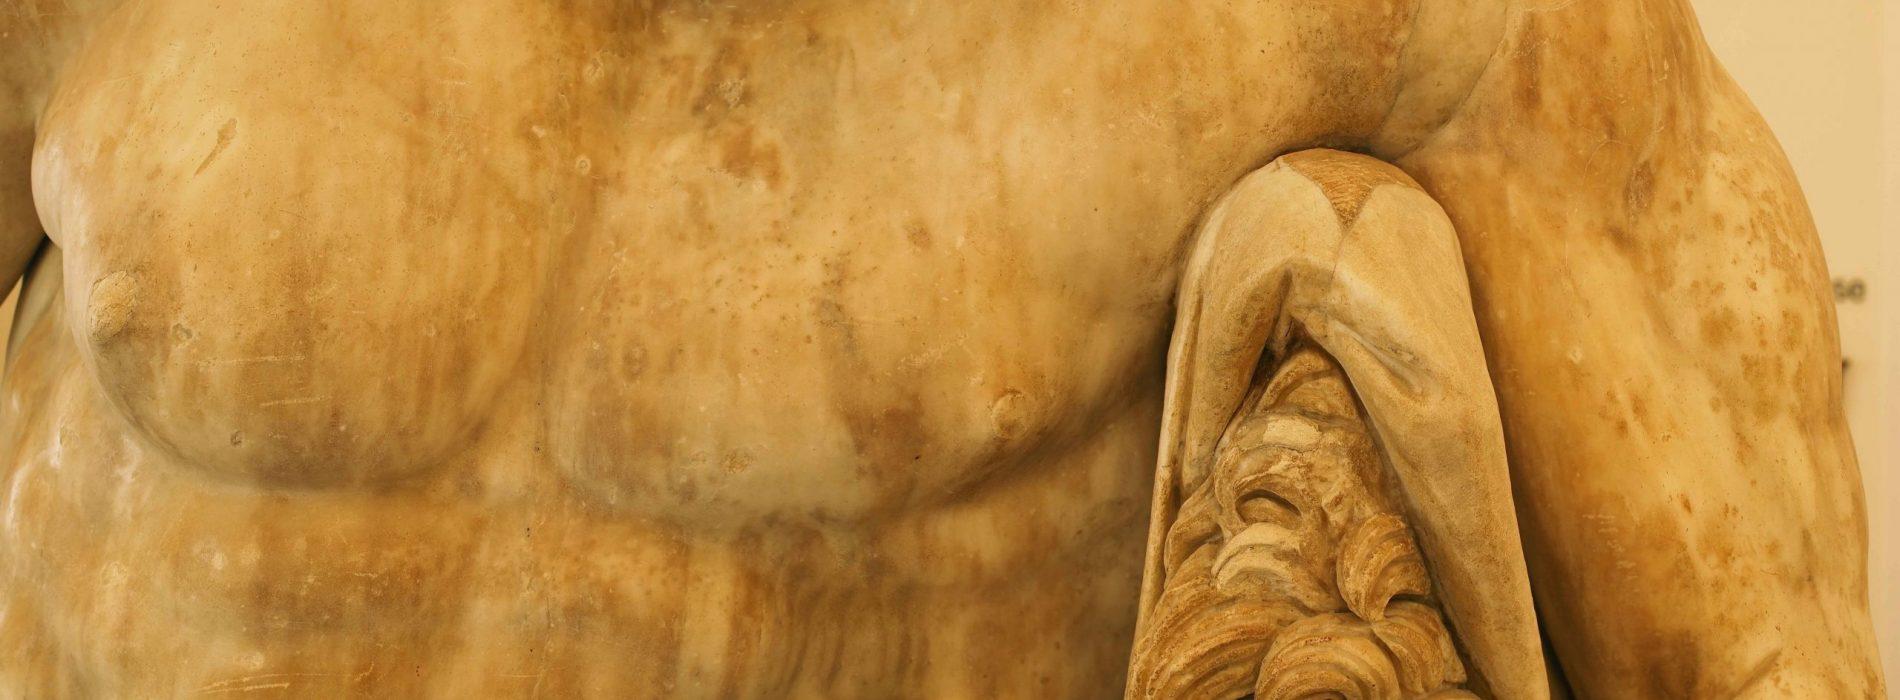 Ercole a colori, nuove ipotesi per la celebre scultura del Mann